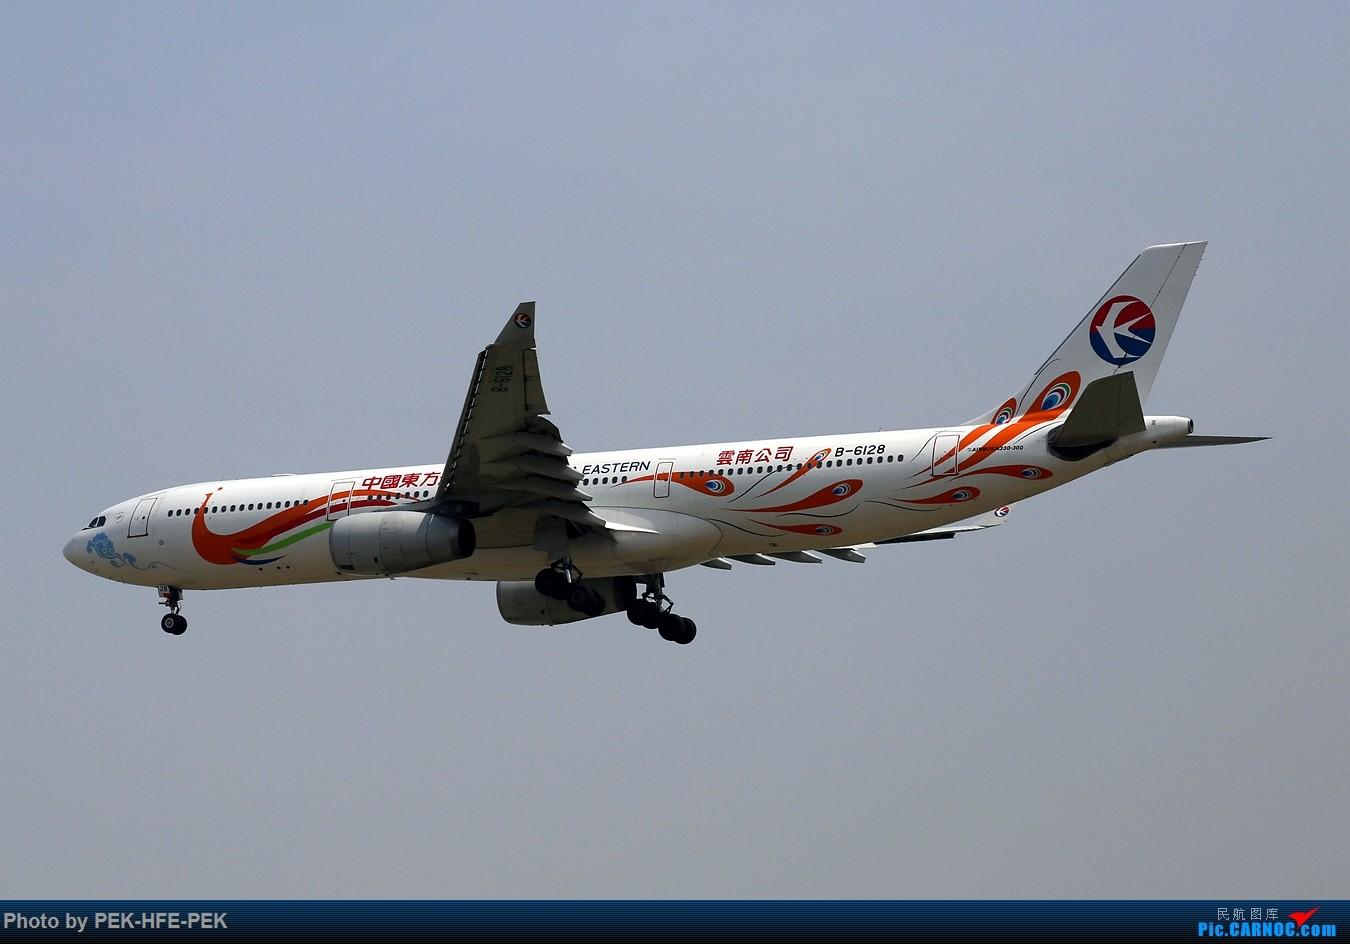 Re:[原创][AutumnKwok]再见东航云南330-300涂装 AIRBUS A330-300 B-6128